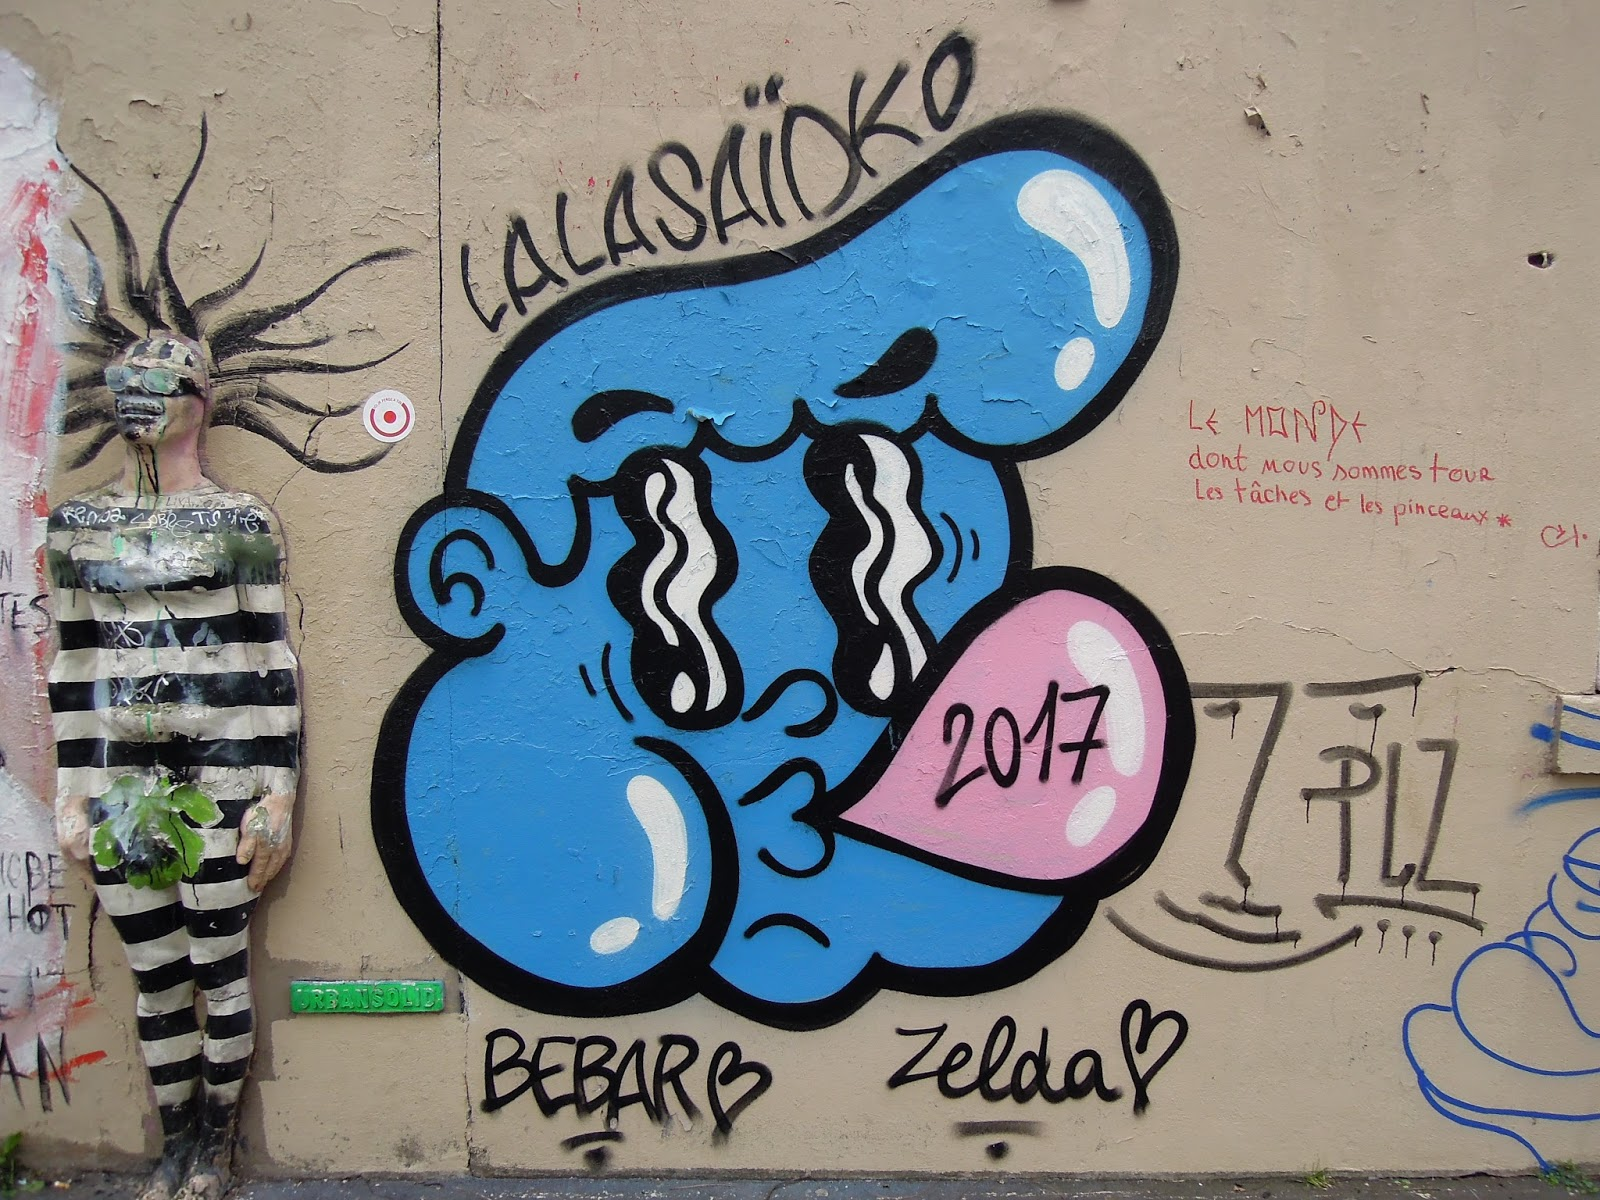 street art par artistes lalasaido et bebar